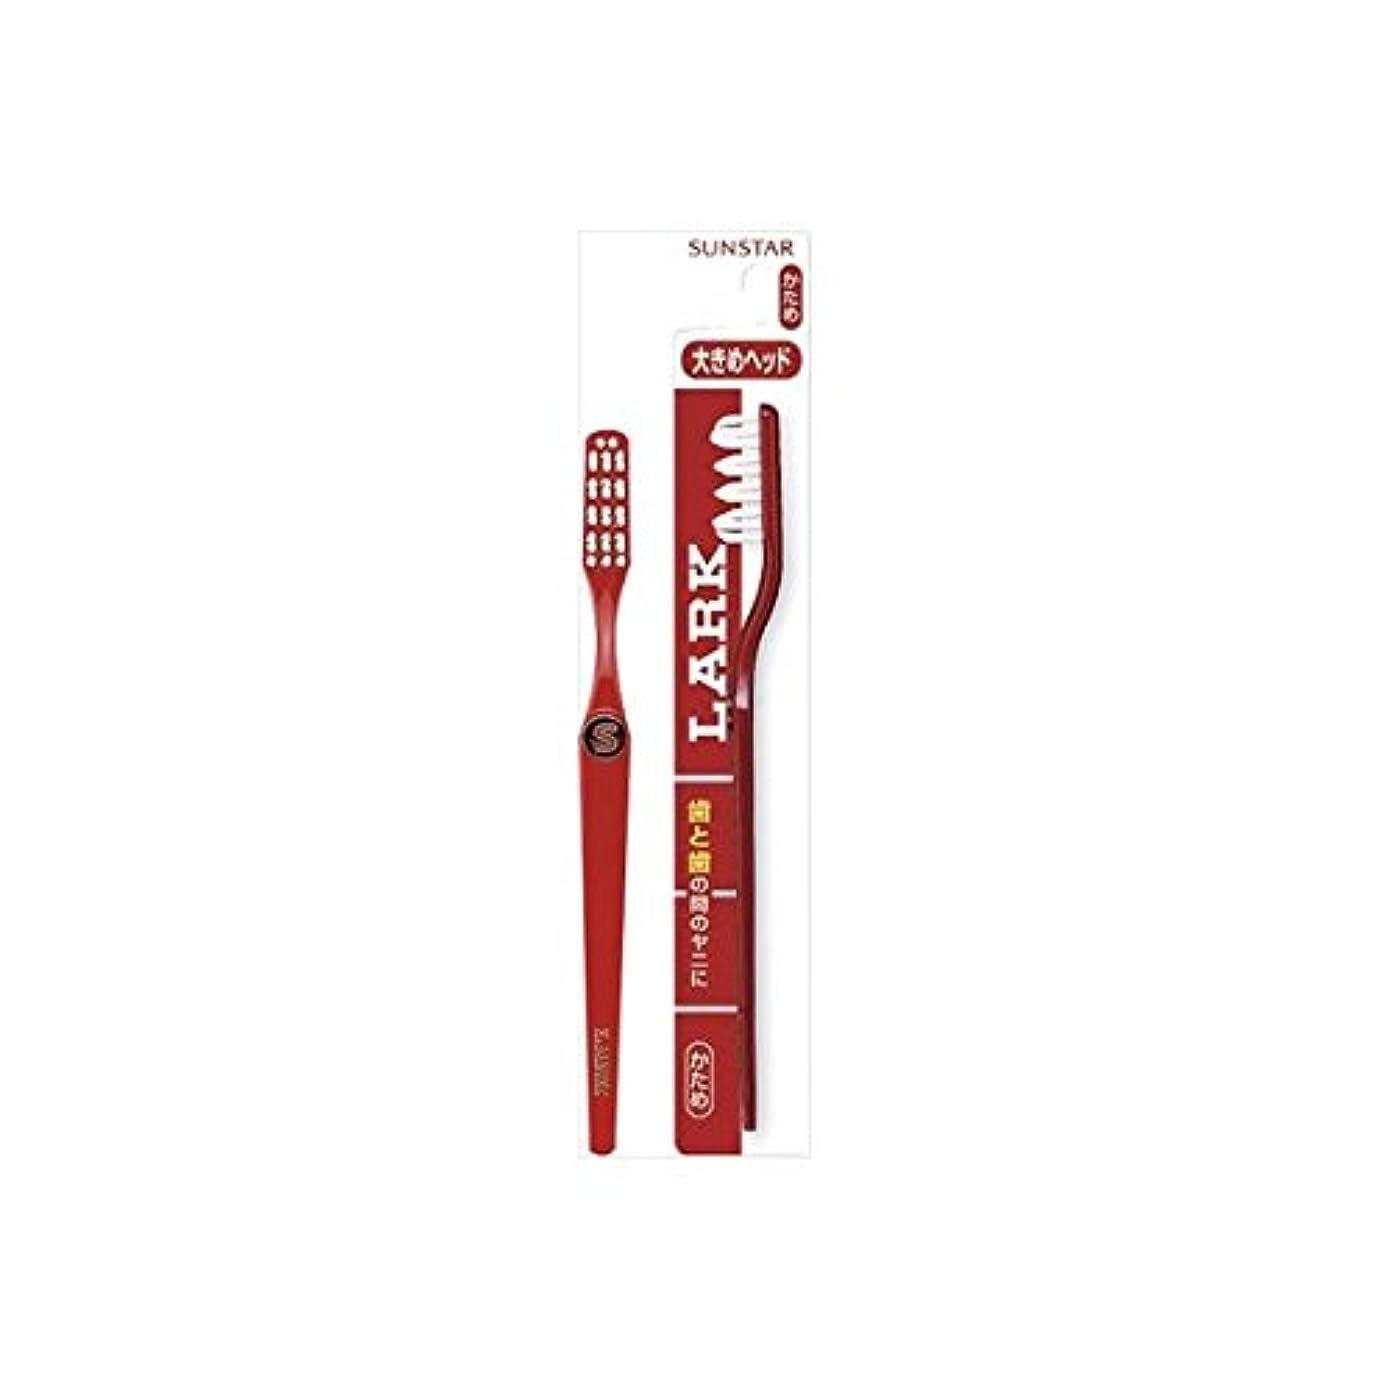 ウルル納税者困難サンスター ラーク 歯ブラシ レギュラーヘッド × 6 点セット